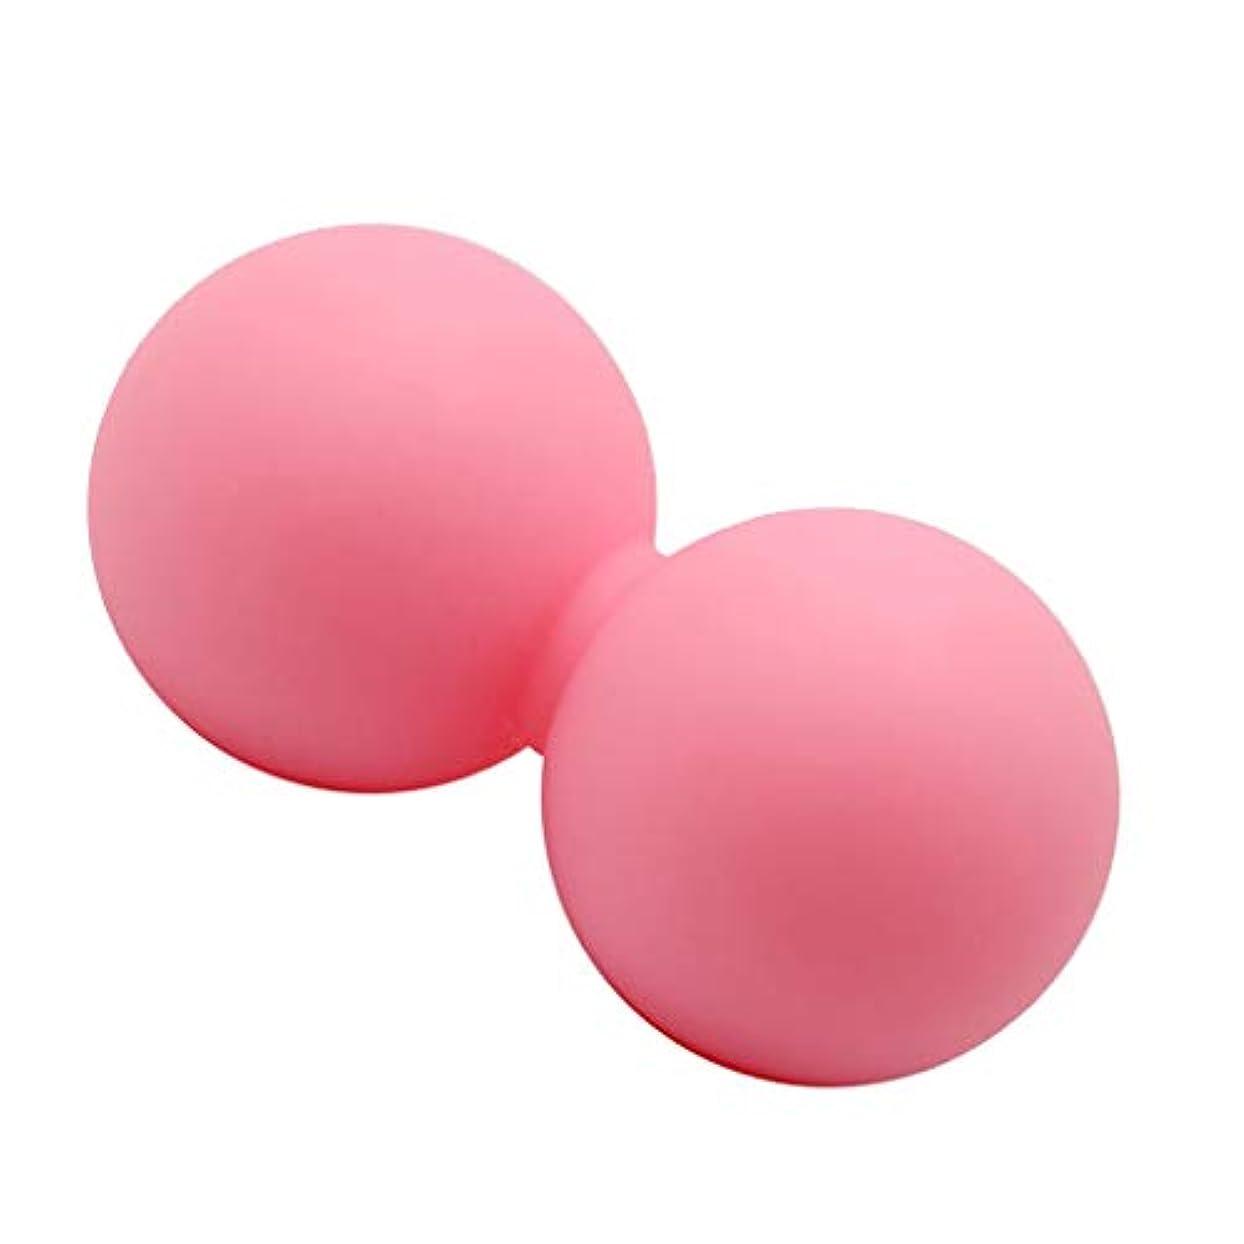 プロポーショナルどれ失業マッサージボール ピーナッツ シリコン 足 足首 腕 首 背中 ボディマッサージ ピンク